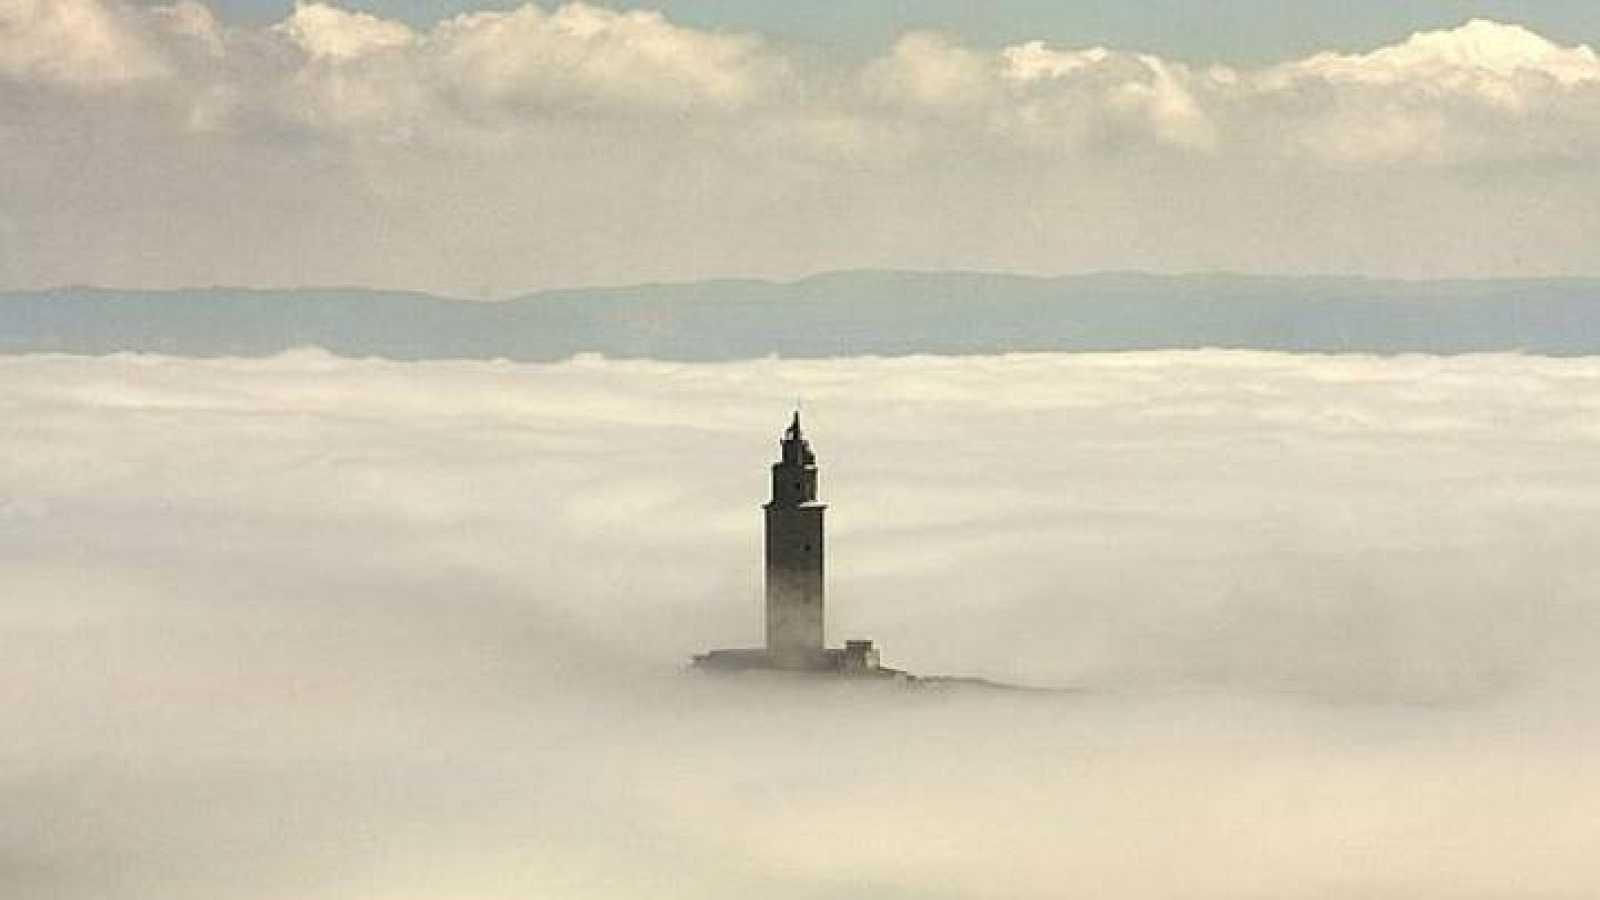 La torre de Hércules entre la niebla